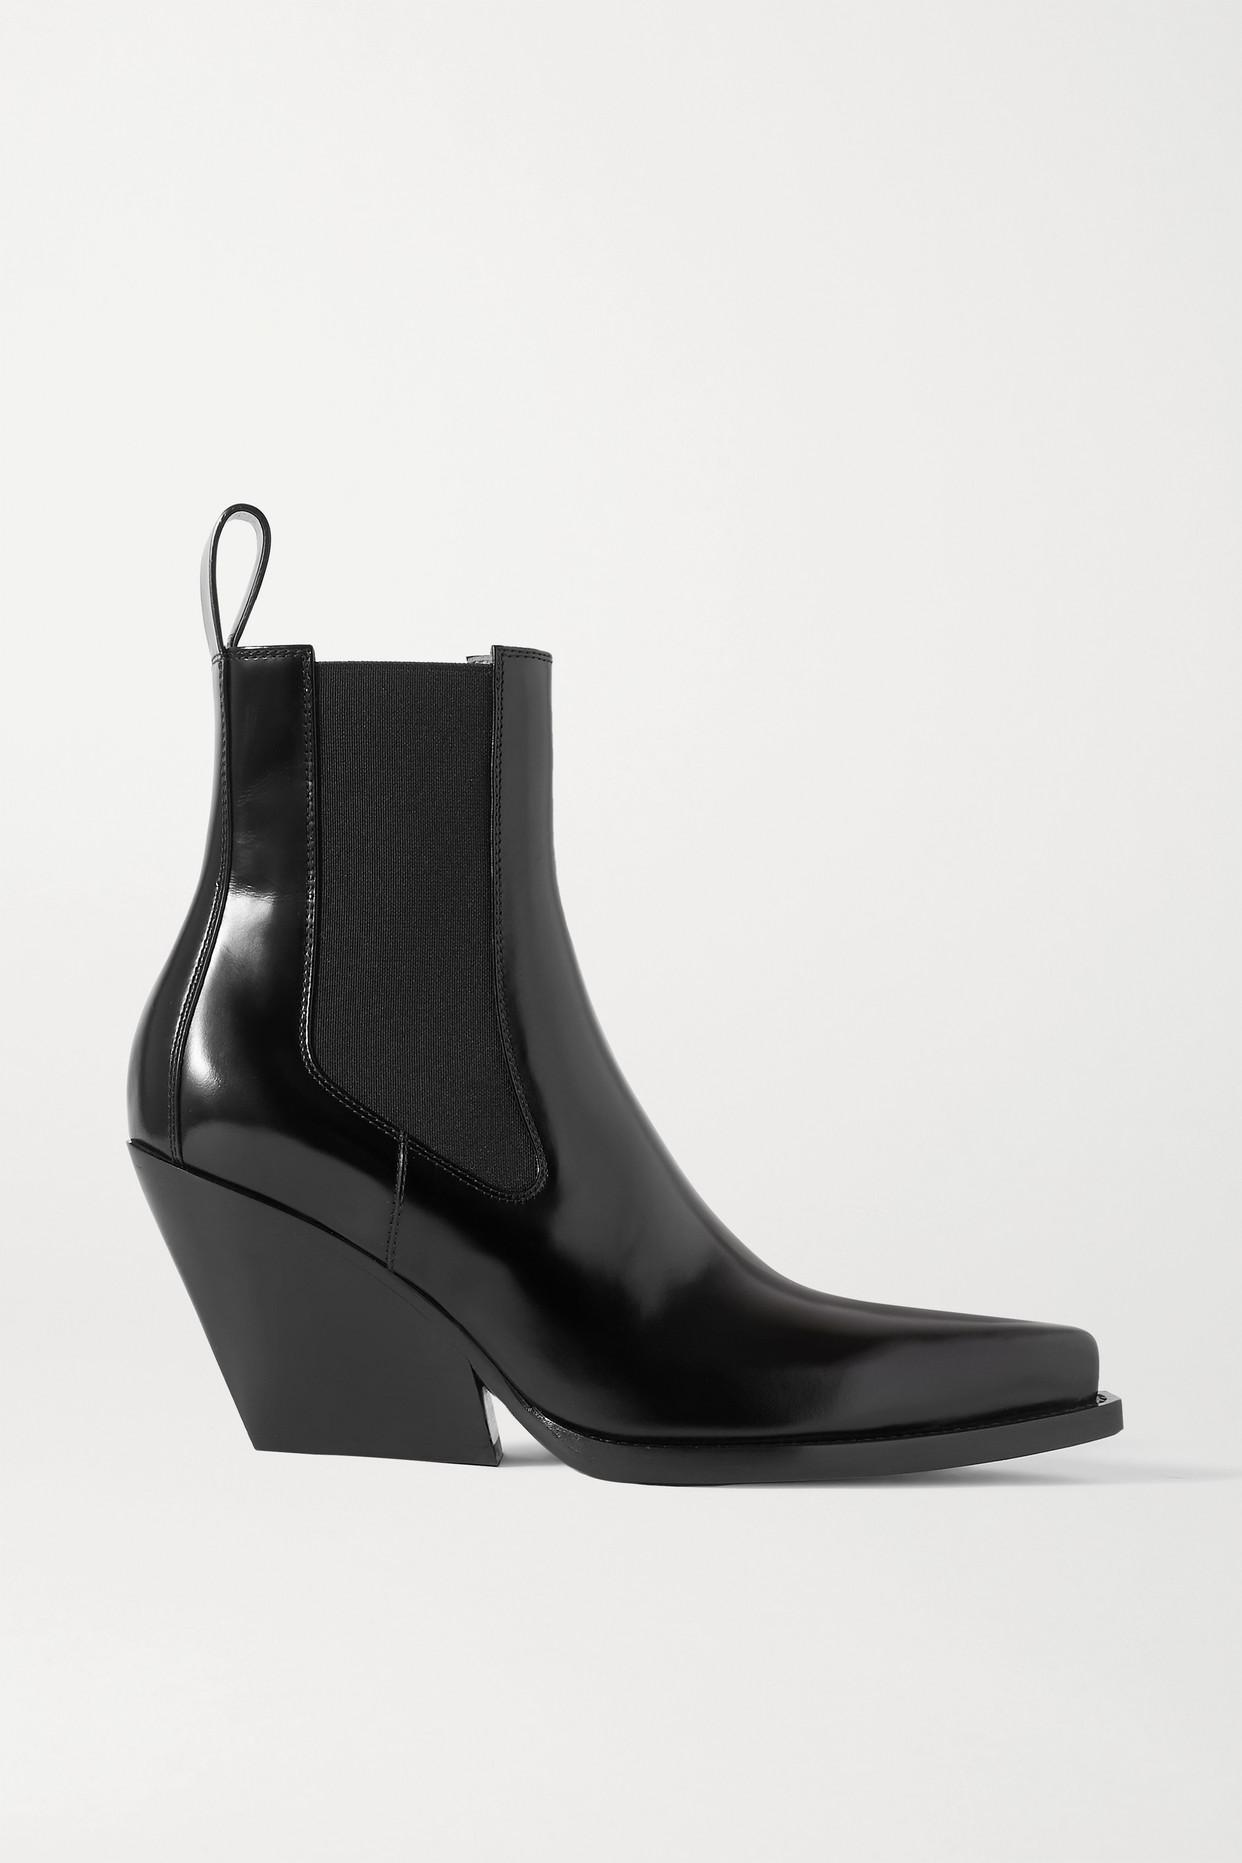 BOTTEGA VENETA - Glossed-leather Ankle Boots - Black - IT37